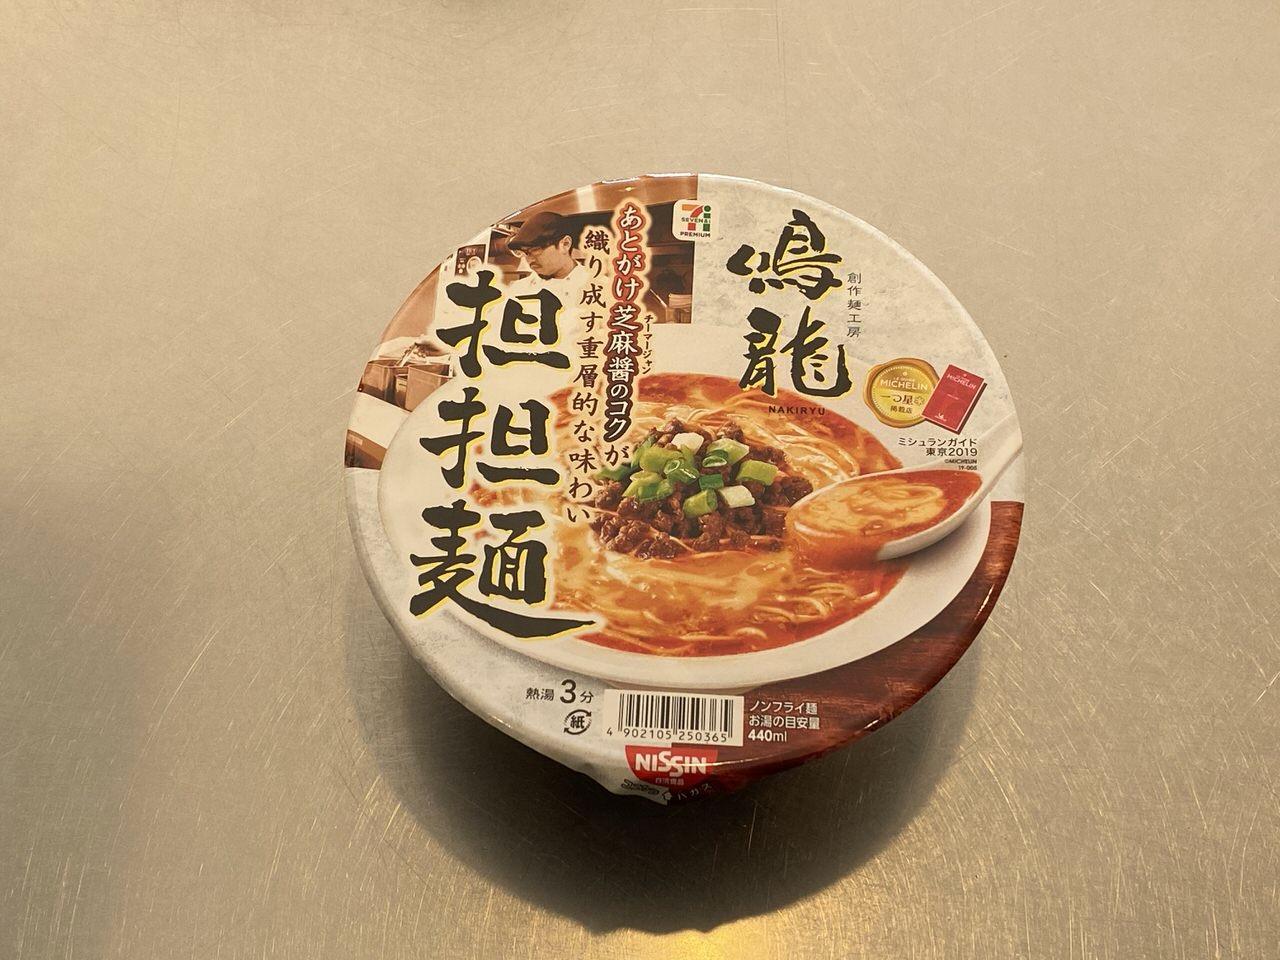 【セブンイレブン】「鳴龍 担担麺」ミシュラン一つ星店のカップ麺はあとがけ芝麻醤が反則的に美味い!